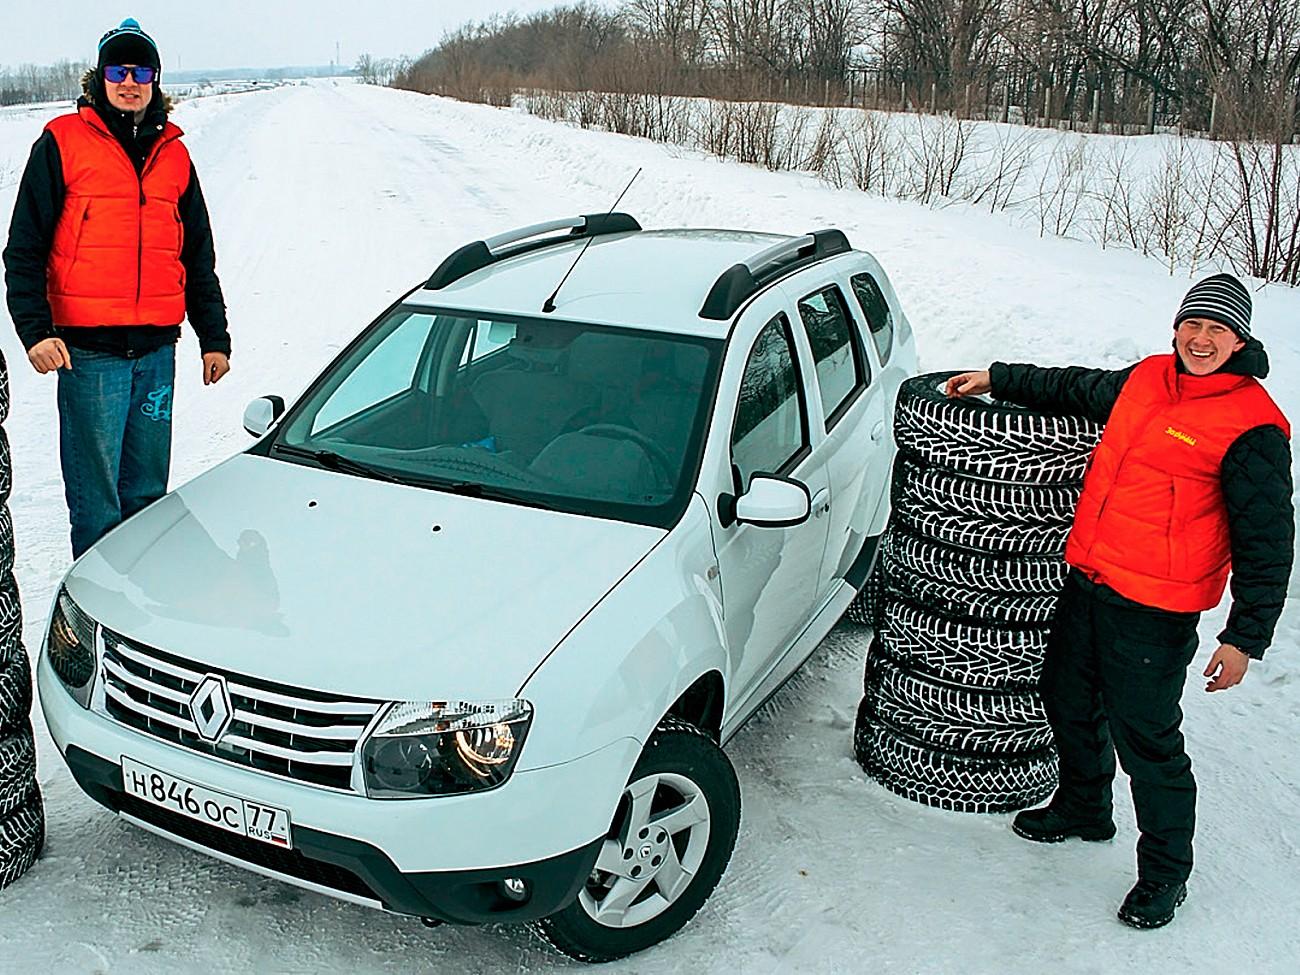 Выбрать зимние шины проверенных производителей